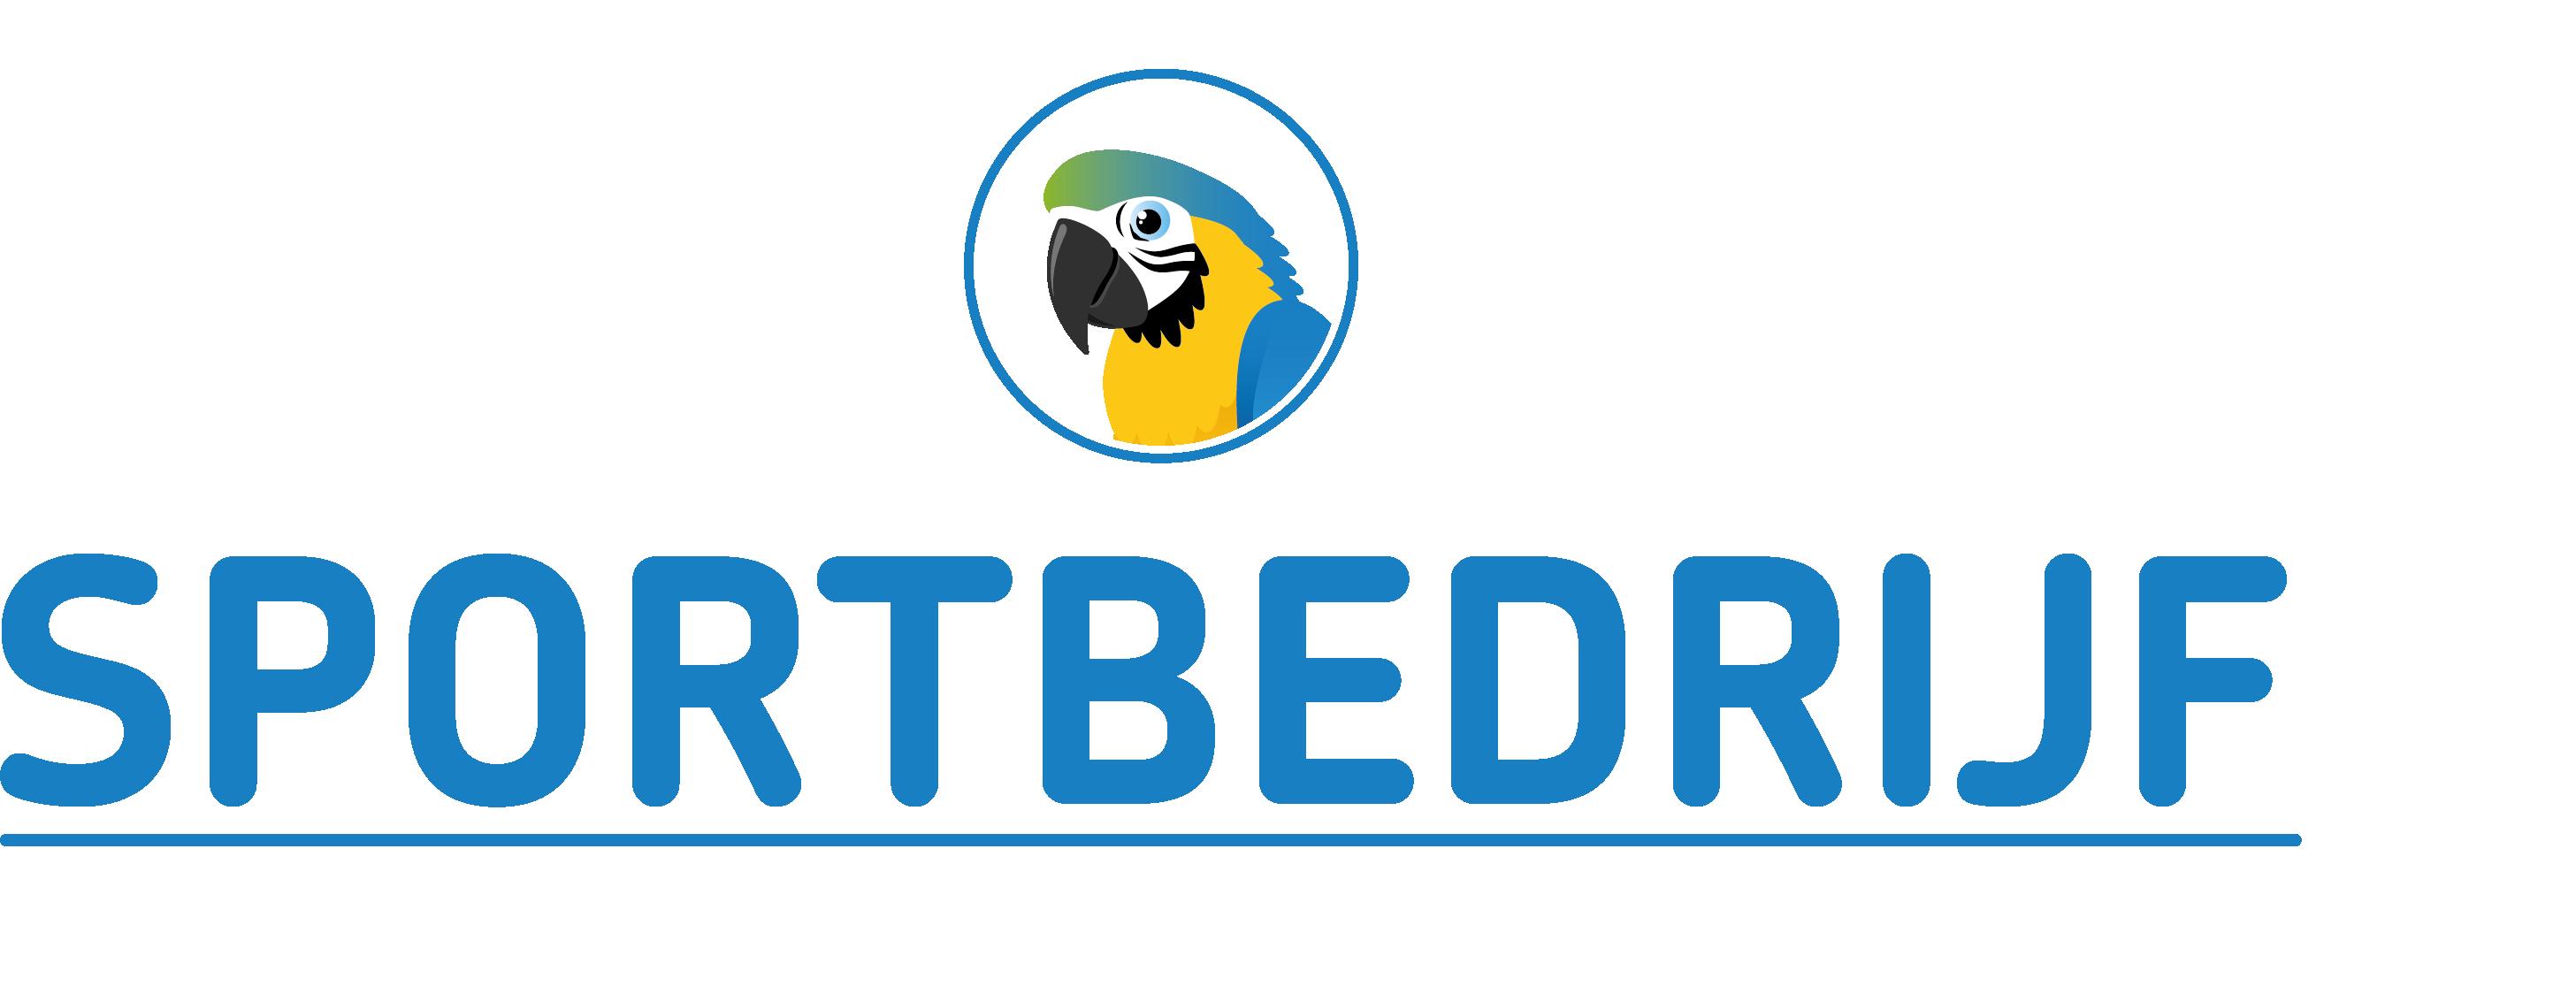 Sportbedrijf De Fryske Marren